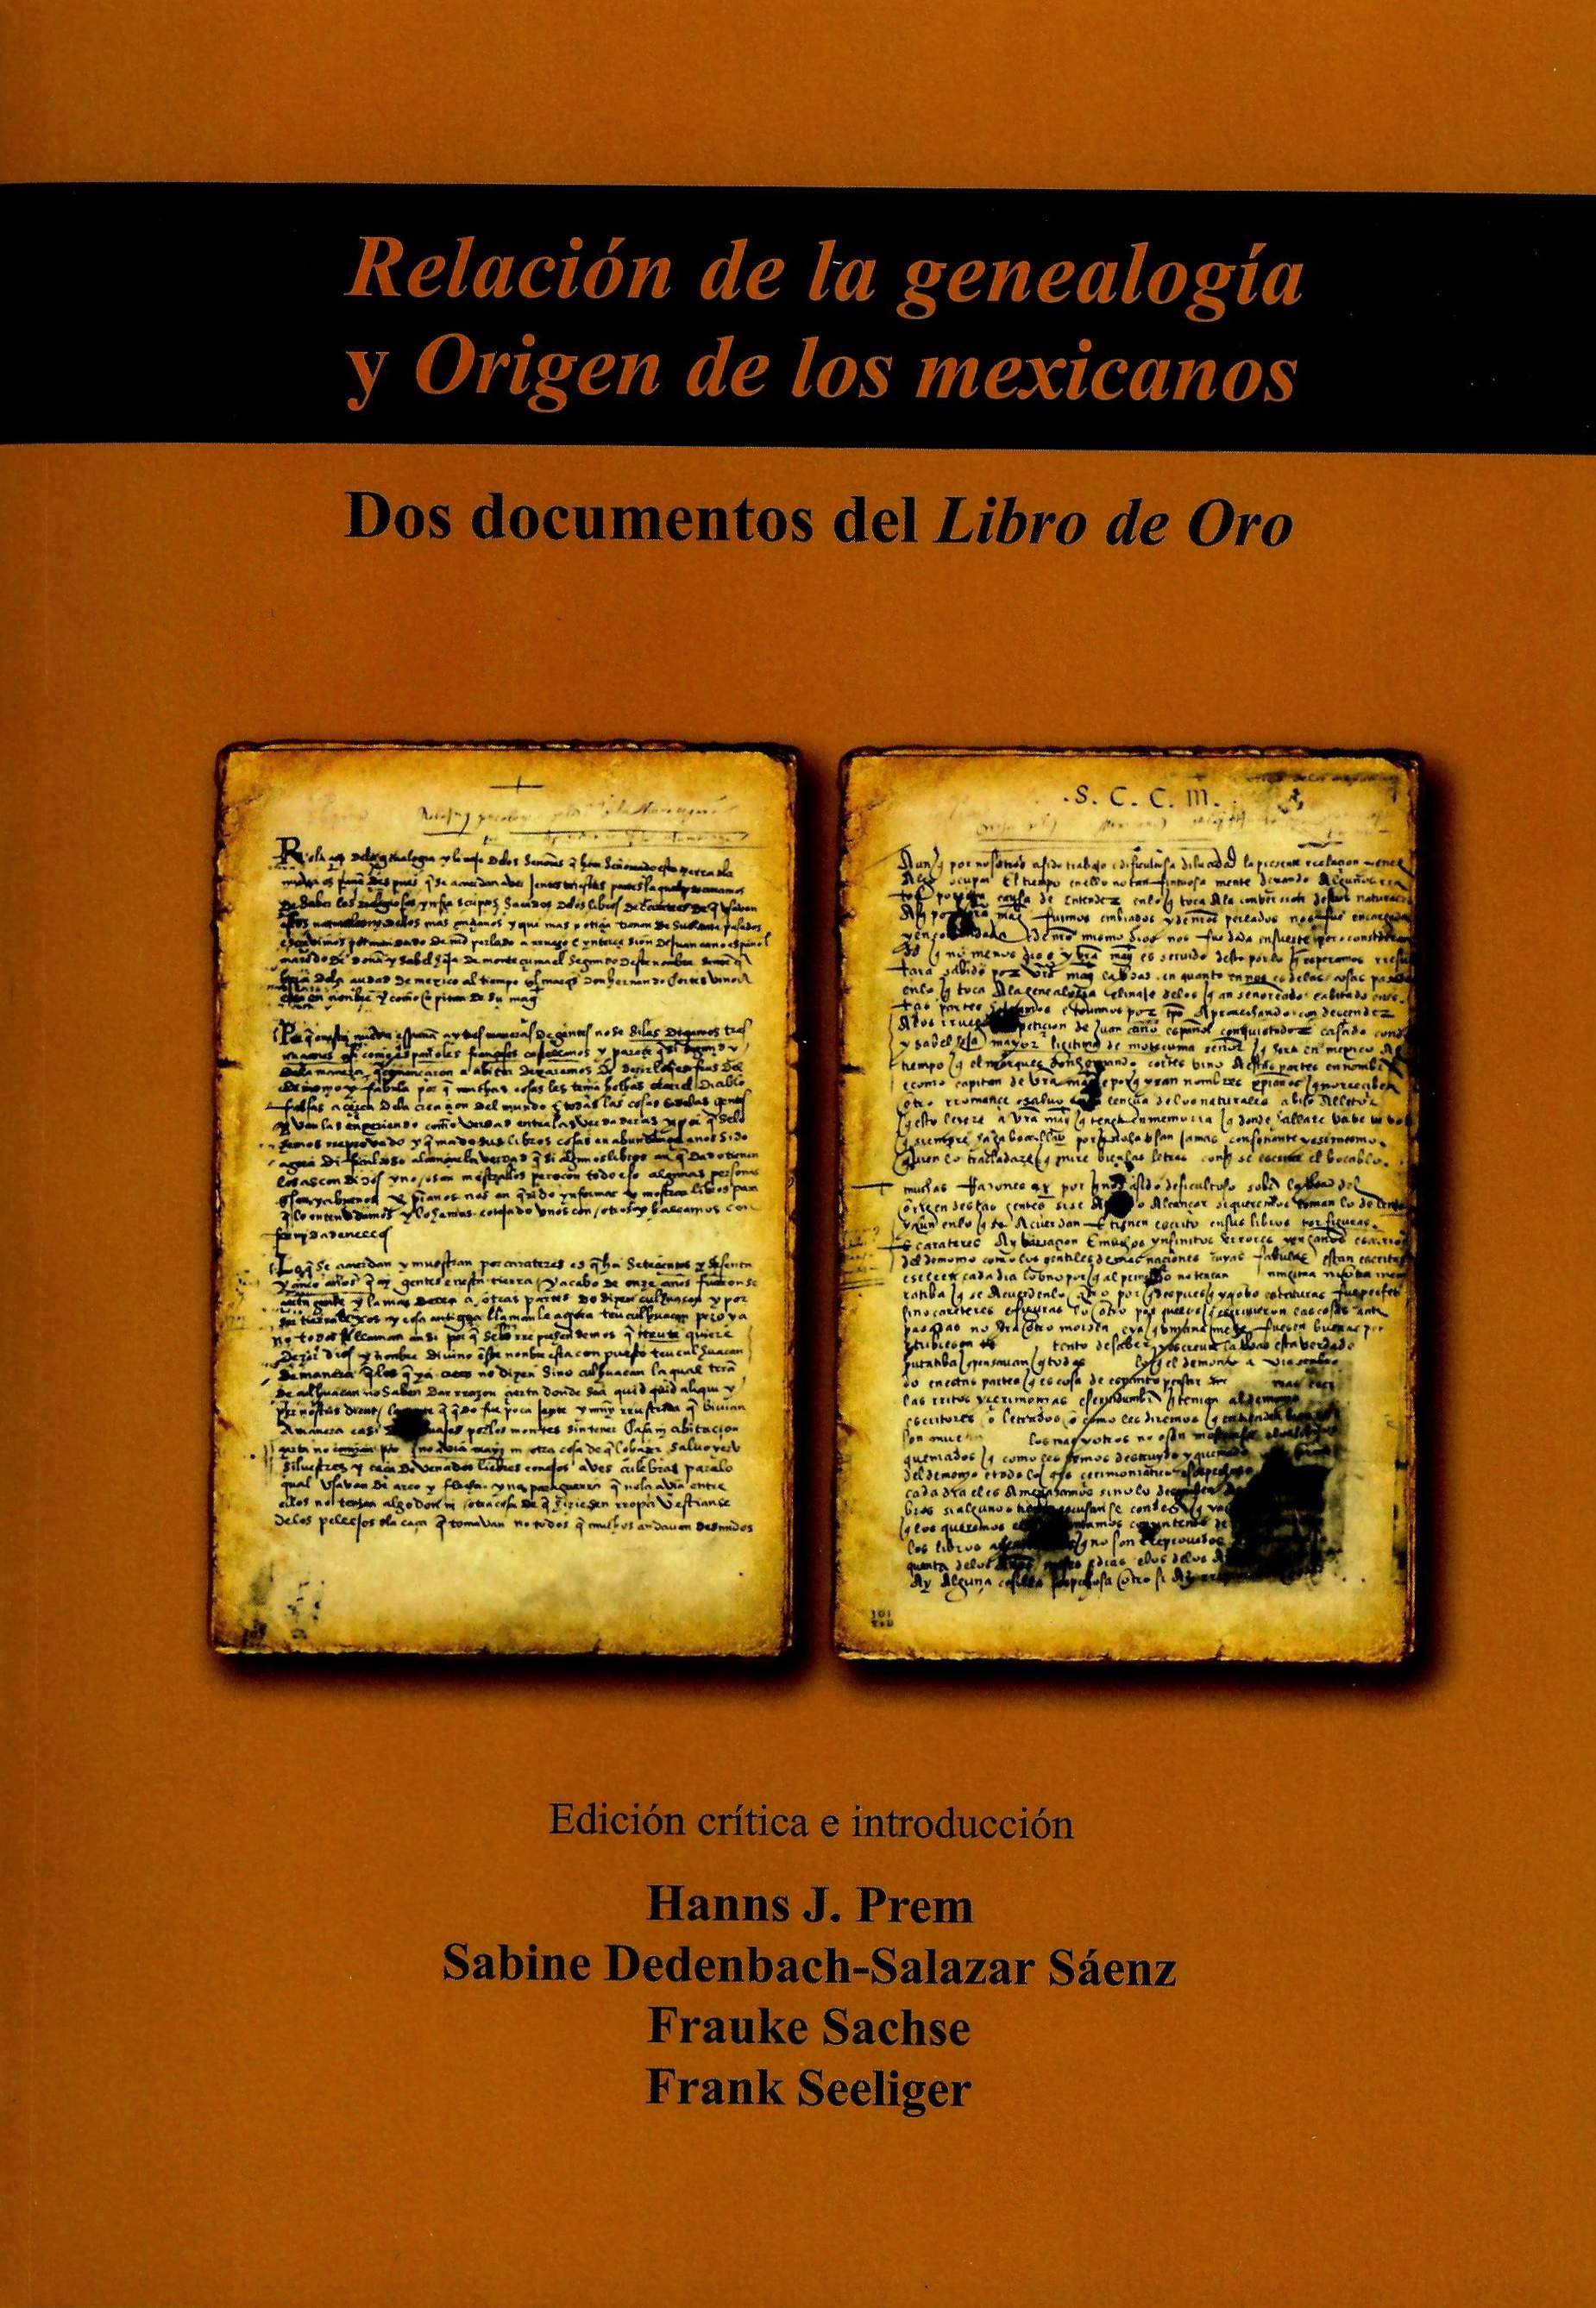 Relación de la genealogía y origen de los mexicanos: dos documentos del Libro de oro